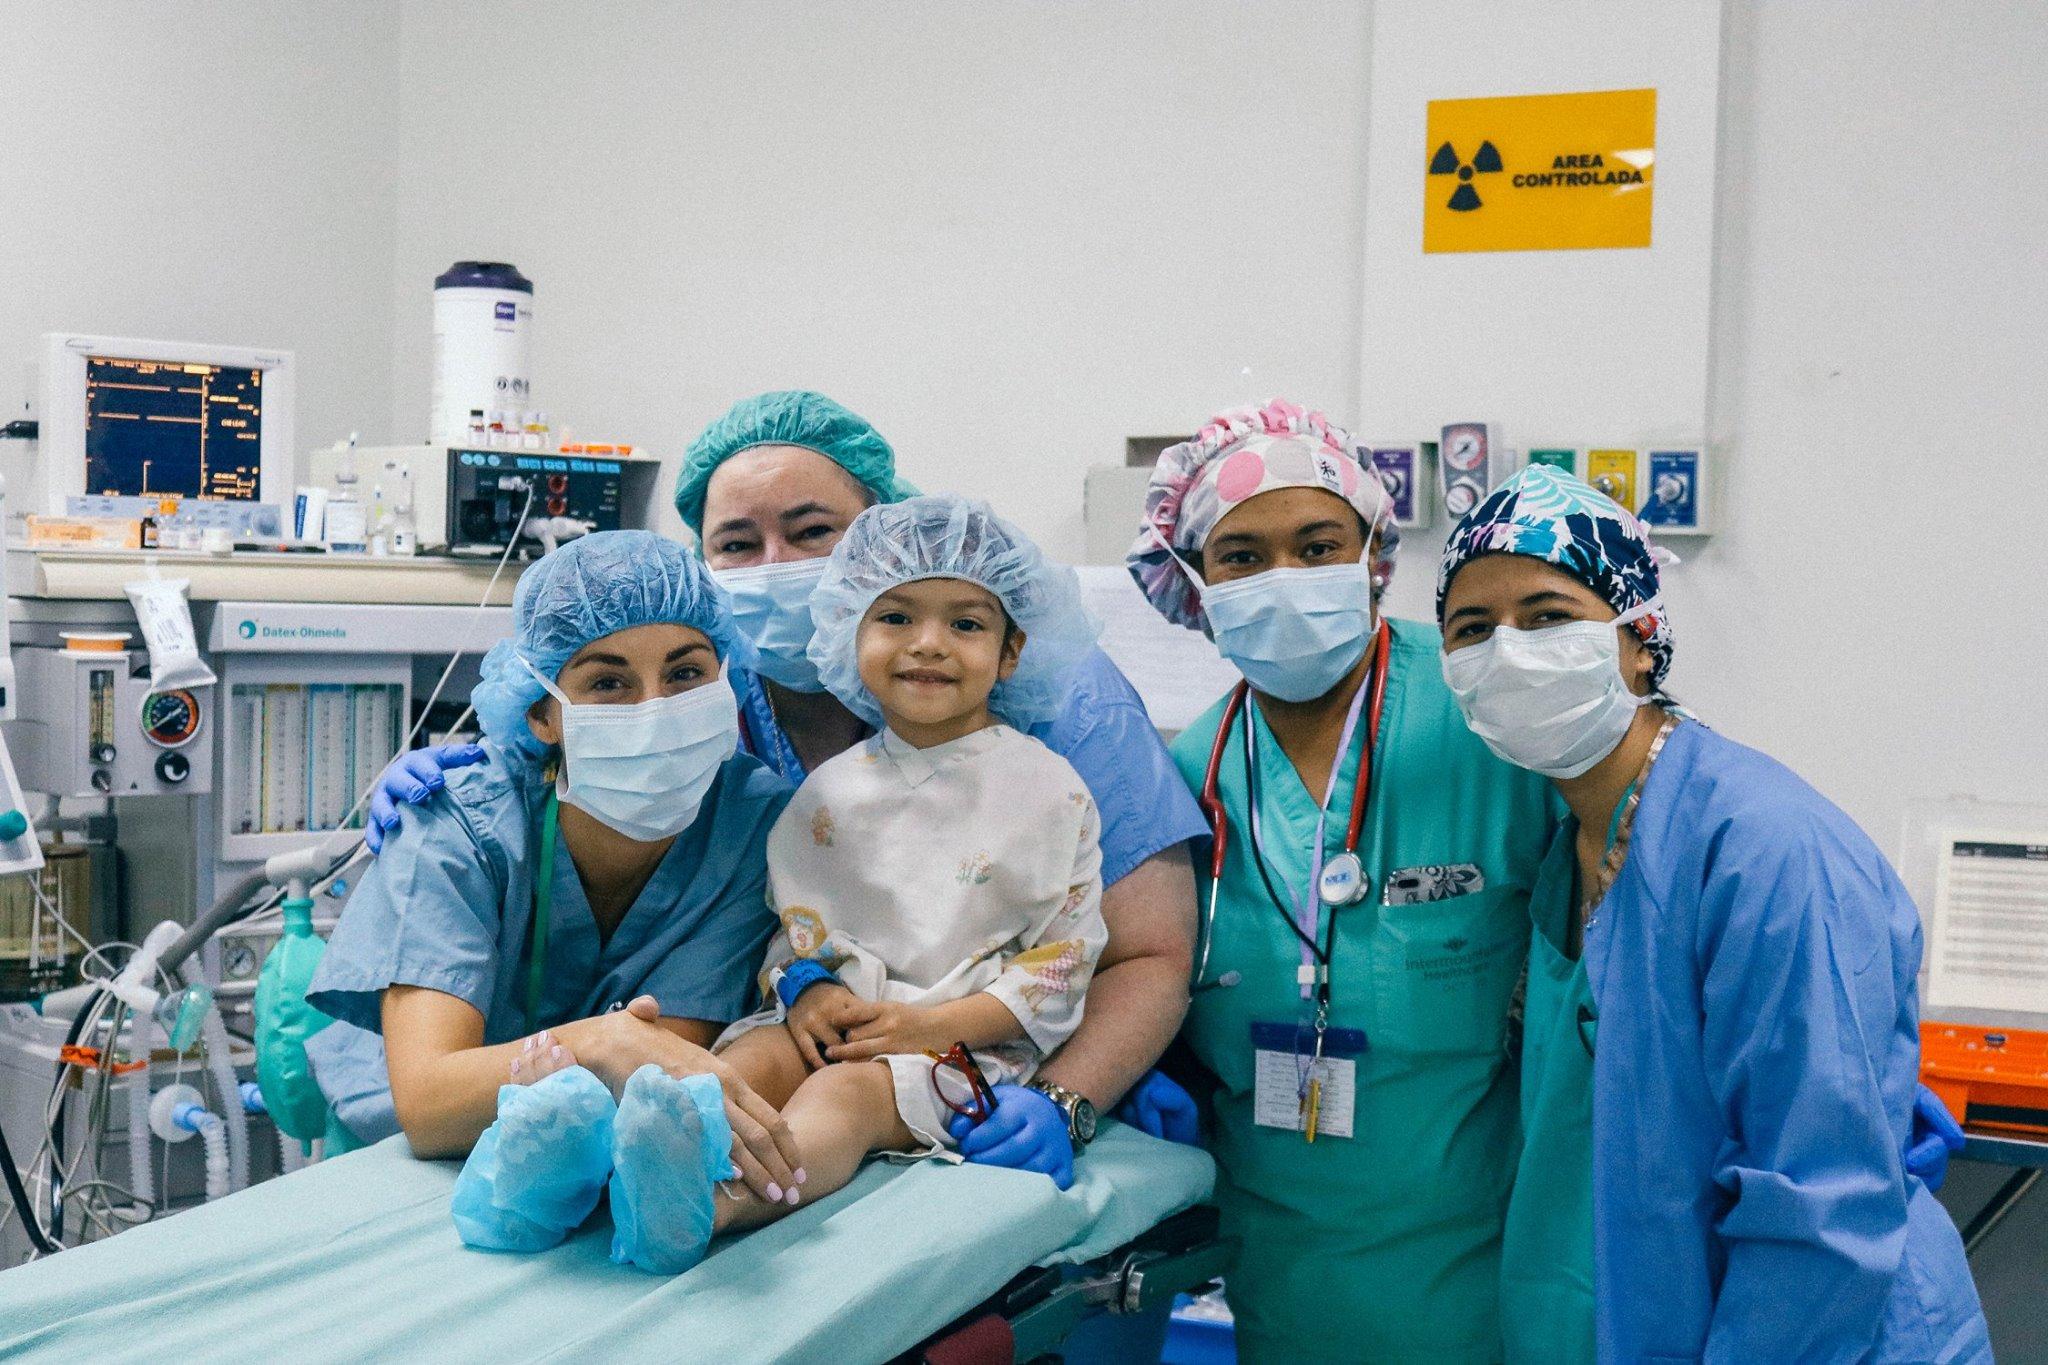 Cirugía plástica gratuita para niños y adolescentes